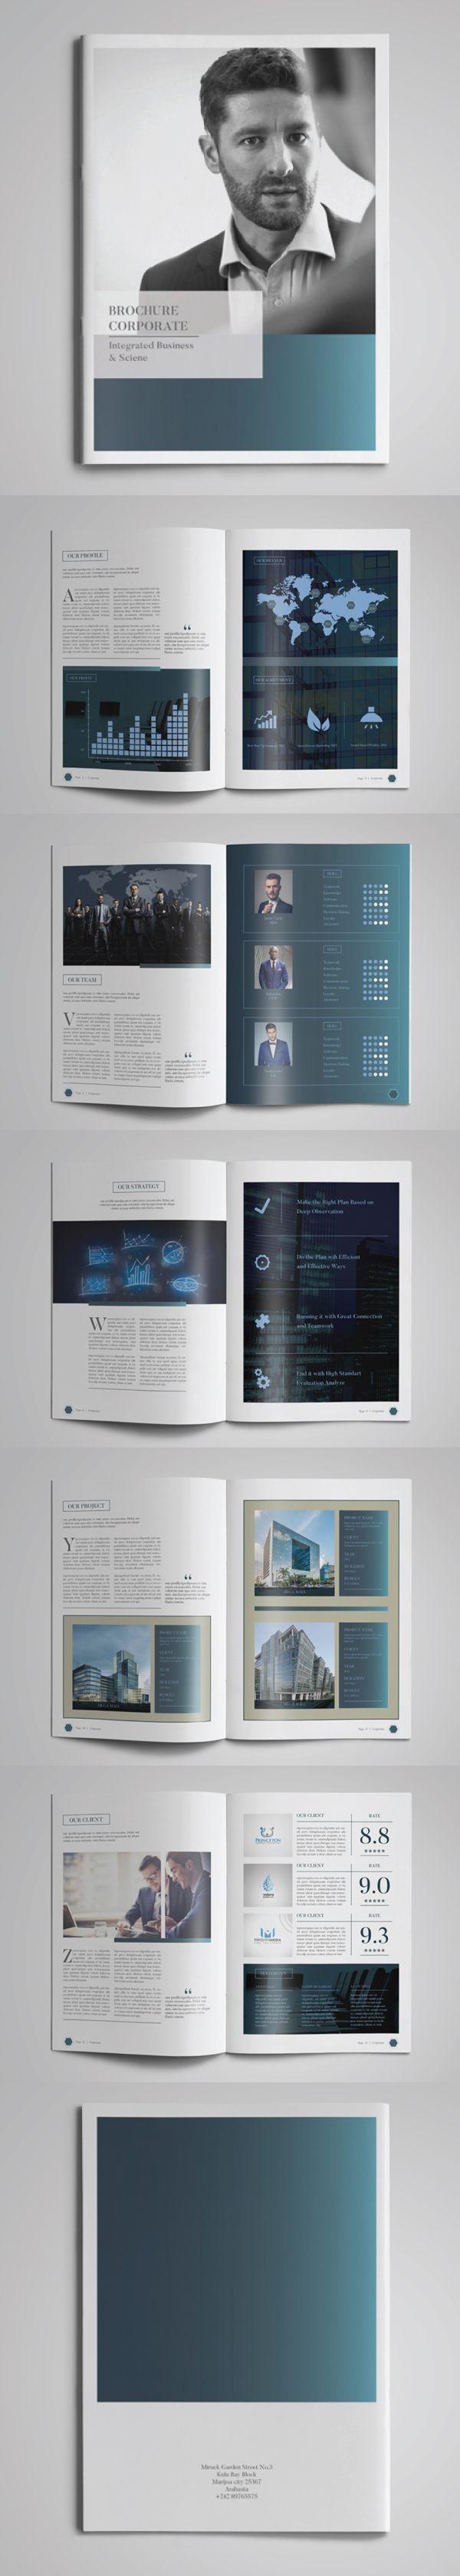 Multipurpose Brochure Corporate Template